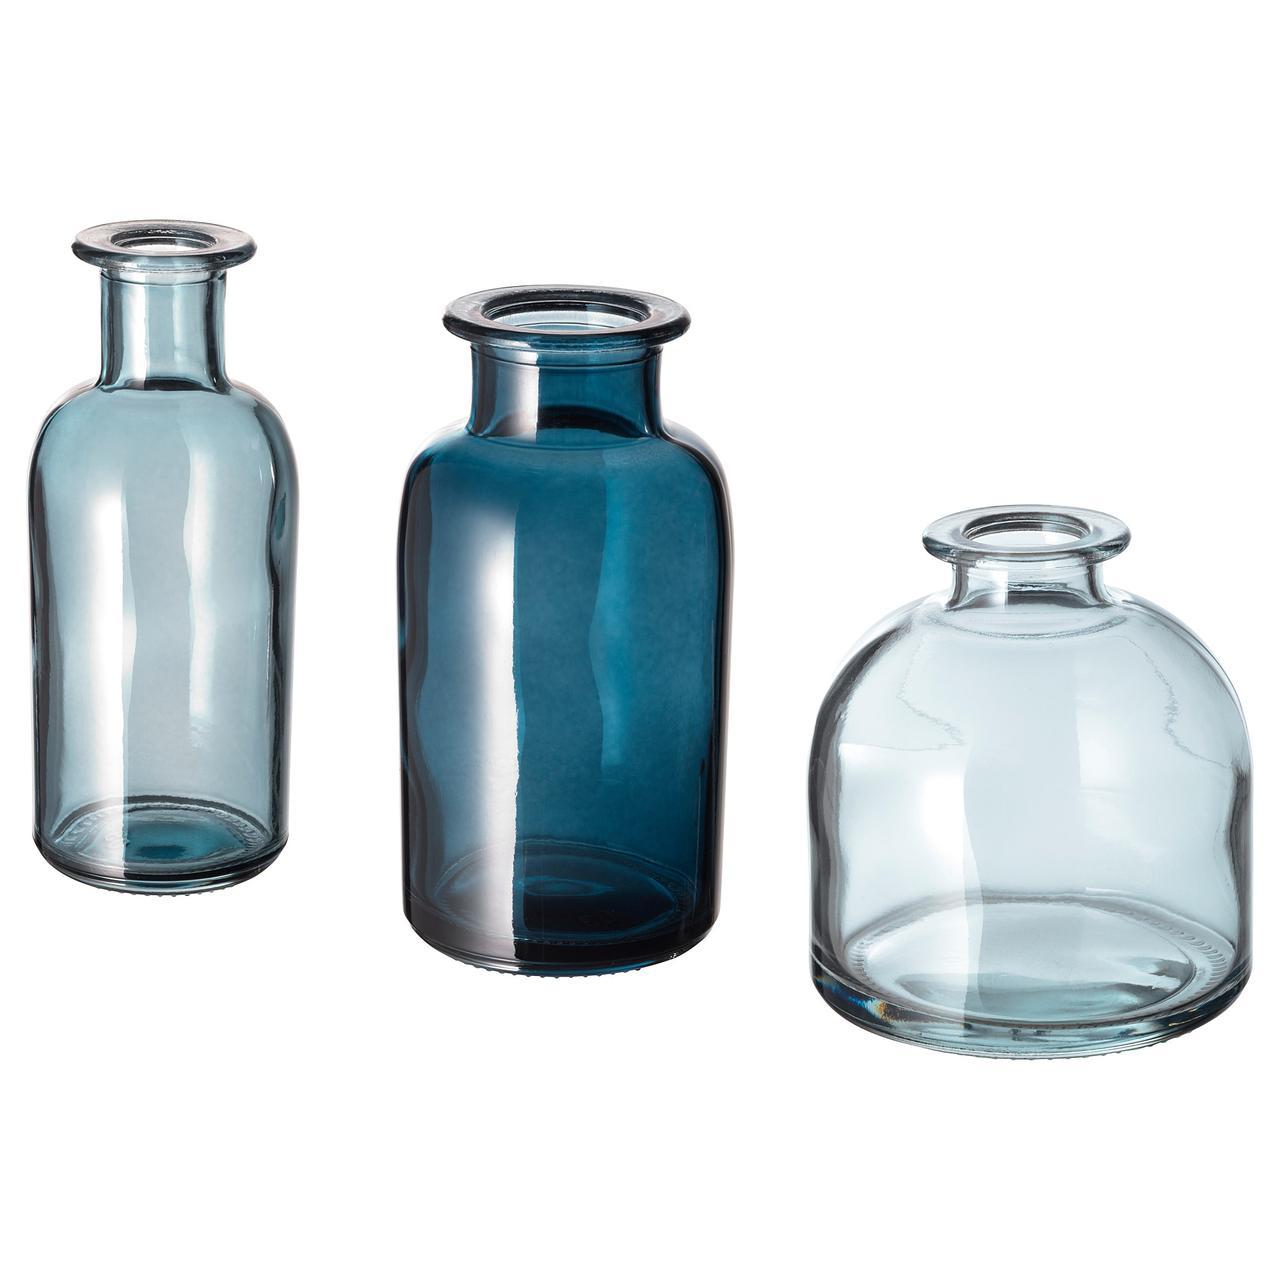 СОММАР 2019 Набор ваз,3 штуки, синий